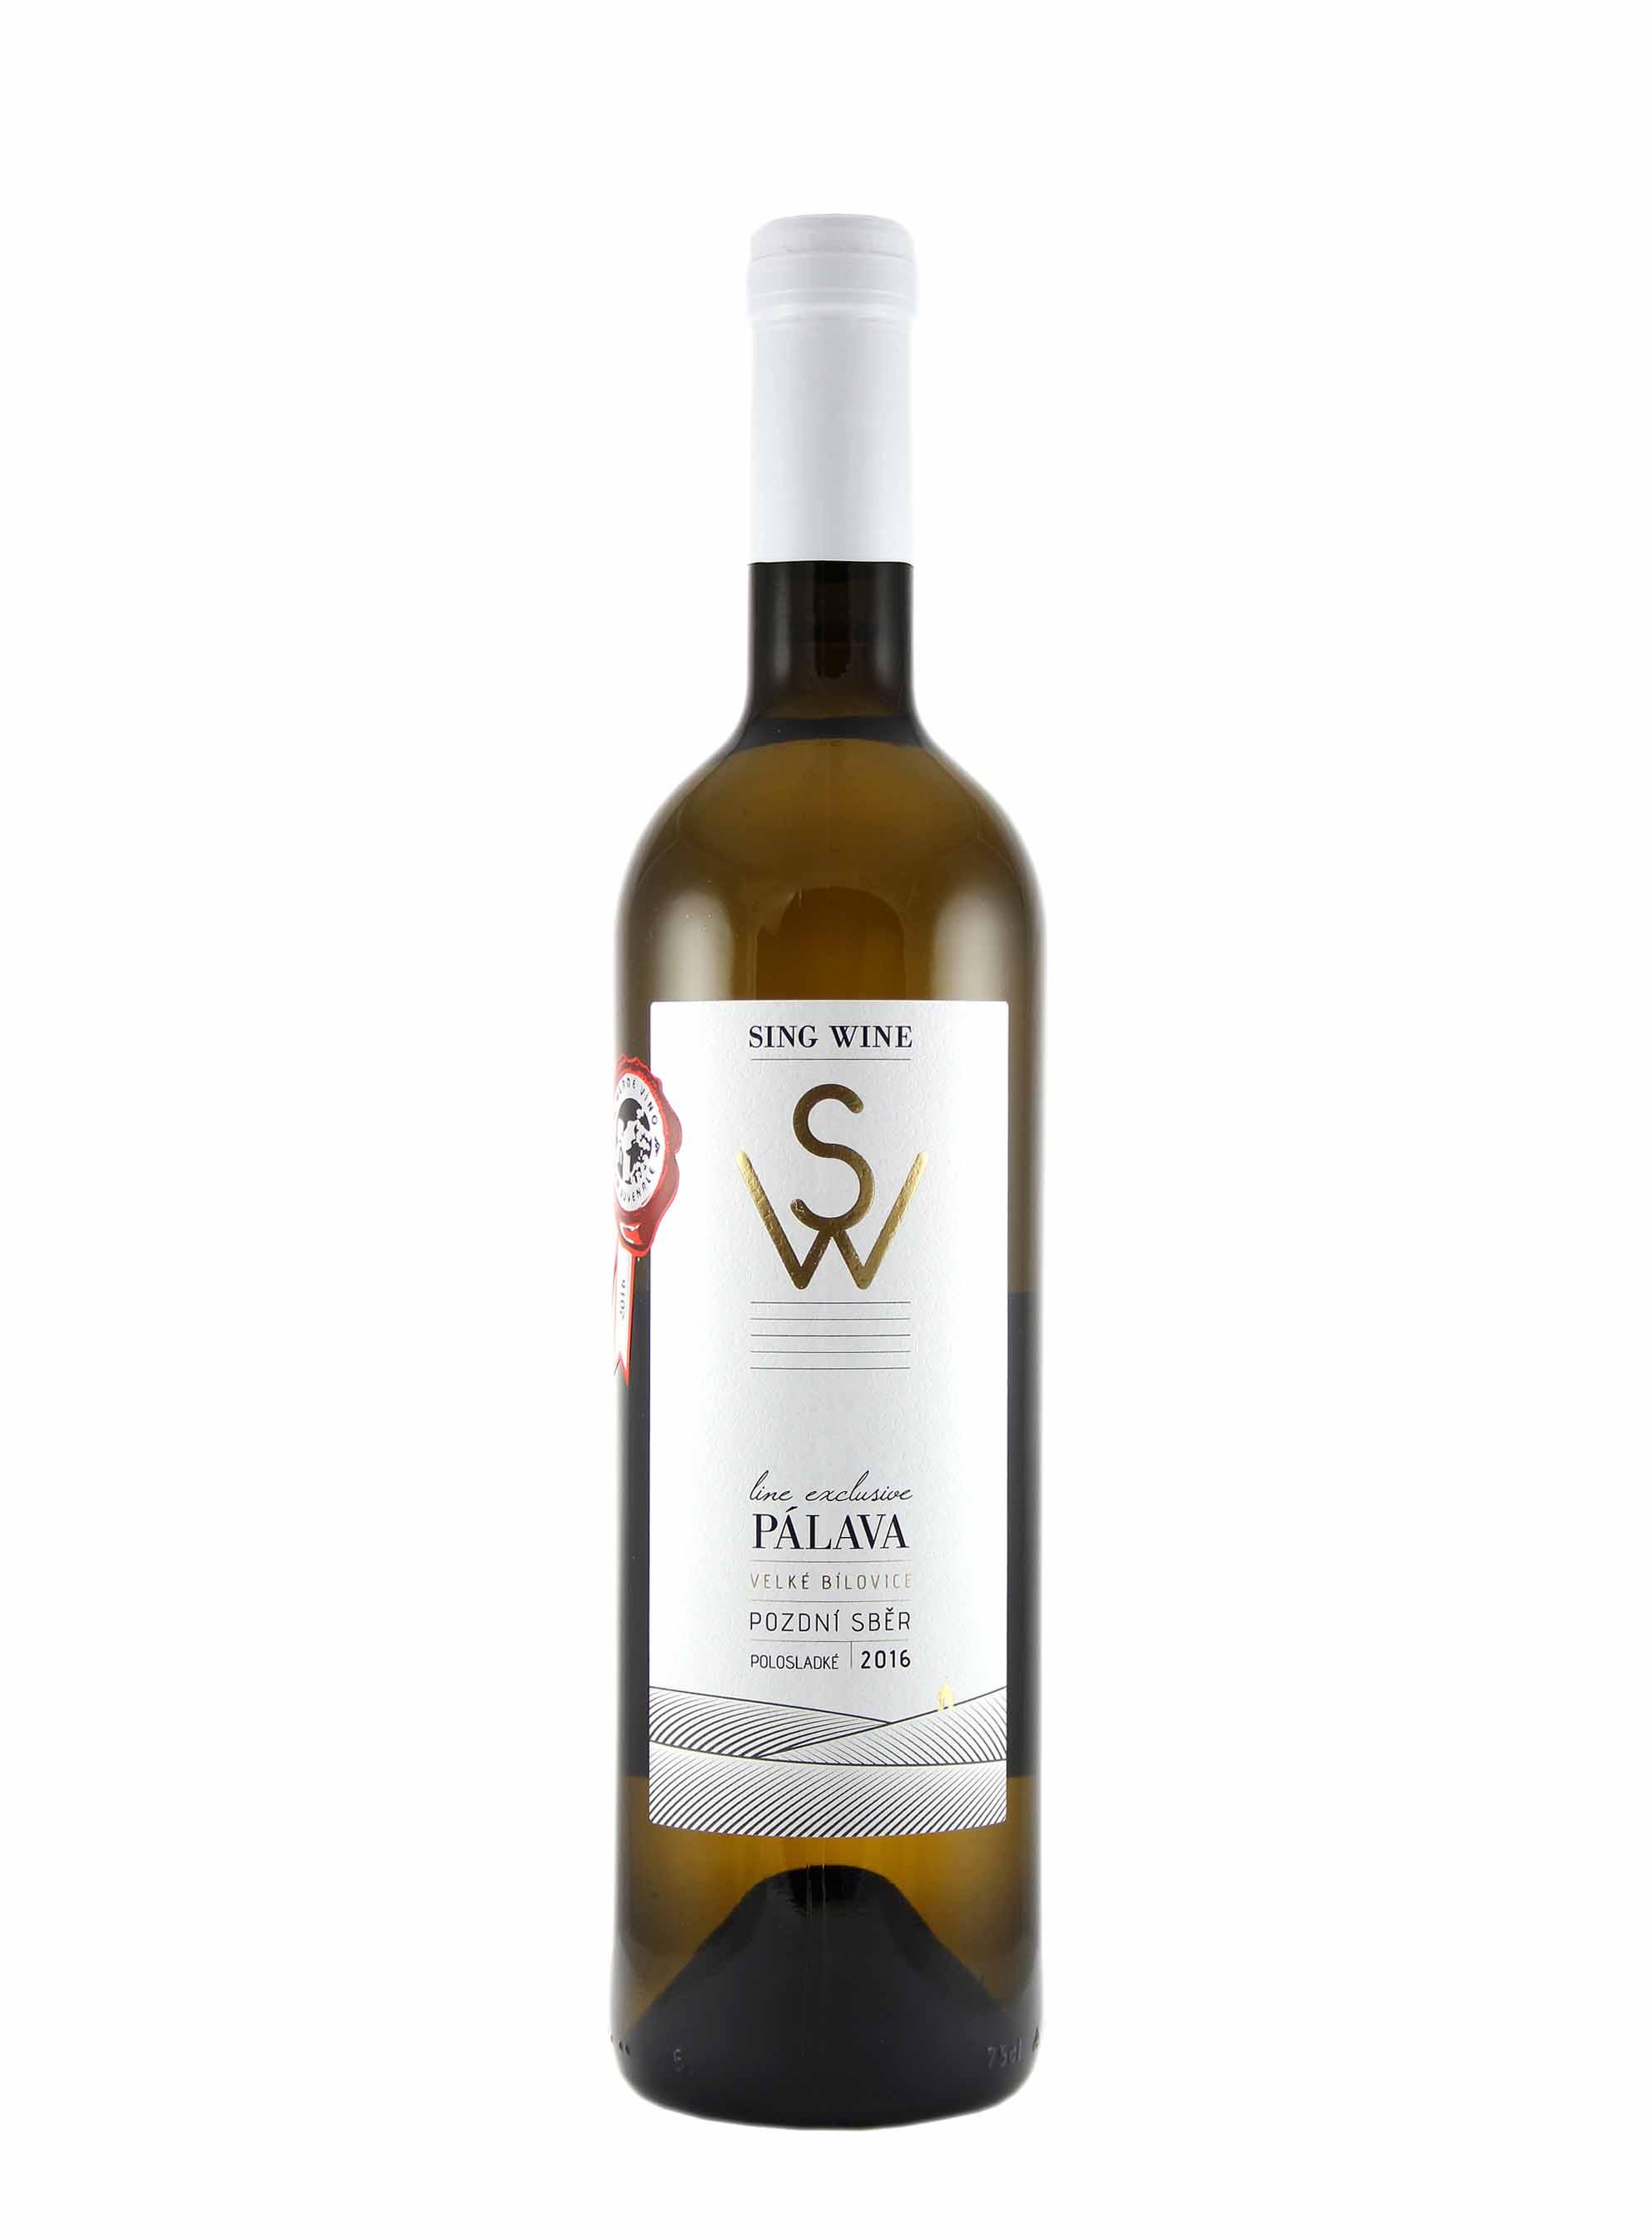 Pálava, Exclusive, Pozdní sběr, 2016, Sing Wine, 0.75 l